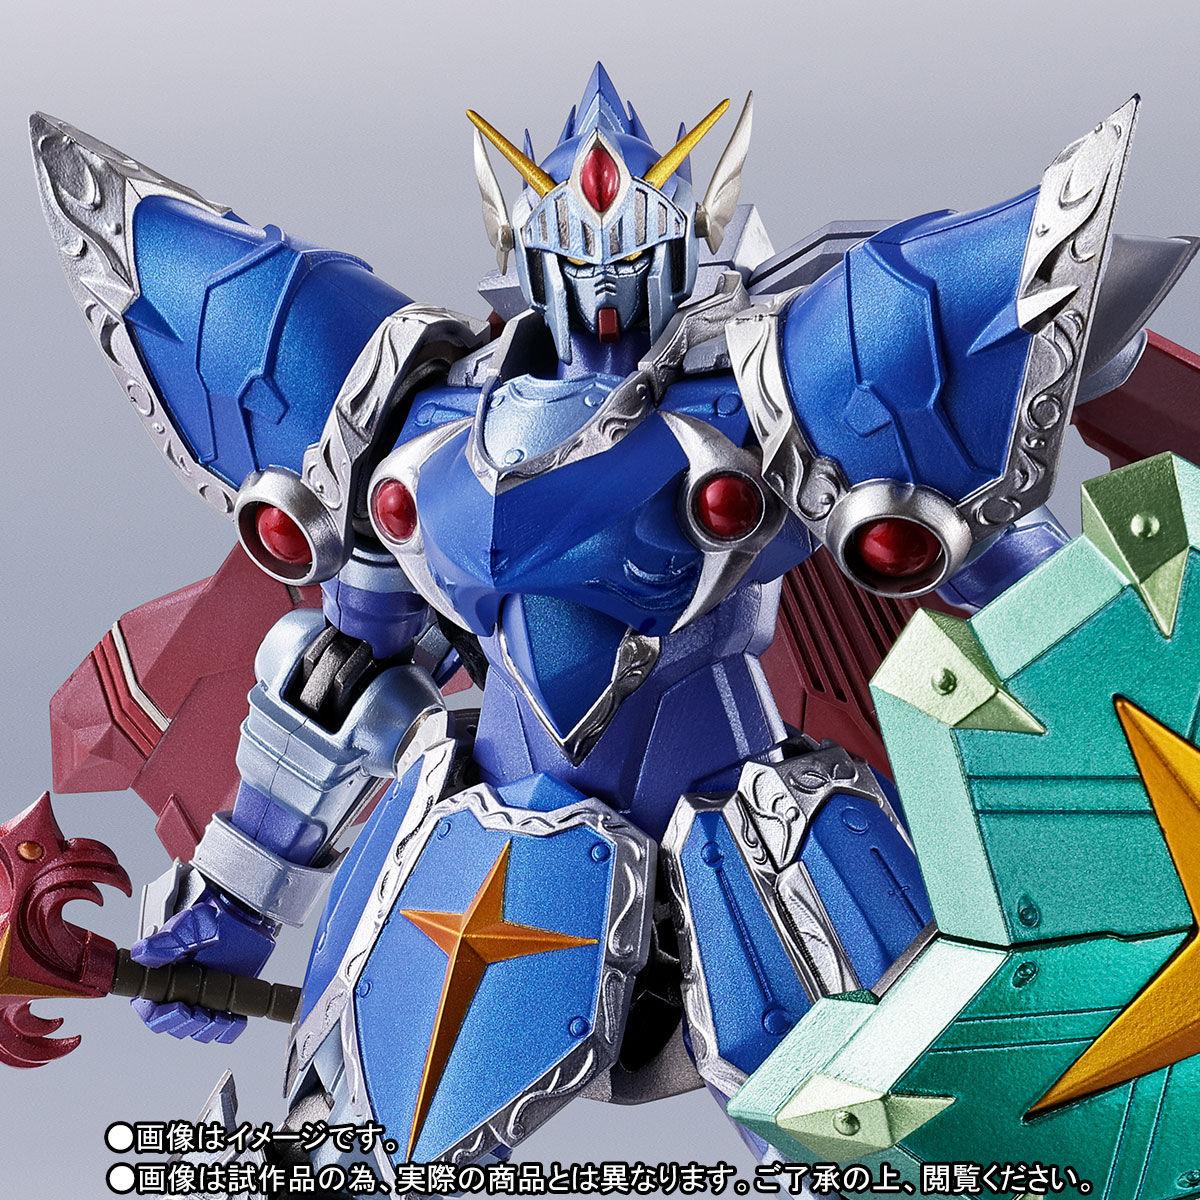 METAL ROBOT魂 〈SIDE MS〉『フルアーマー騎士ガンダム(リアルタイプver.)|SDガンダム外伝』可動フィギュア-001